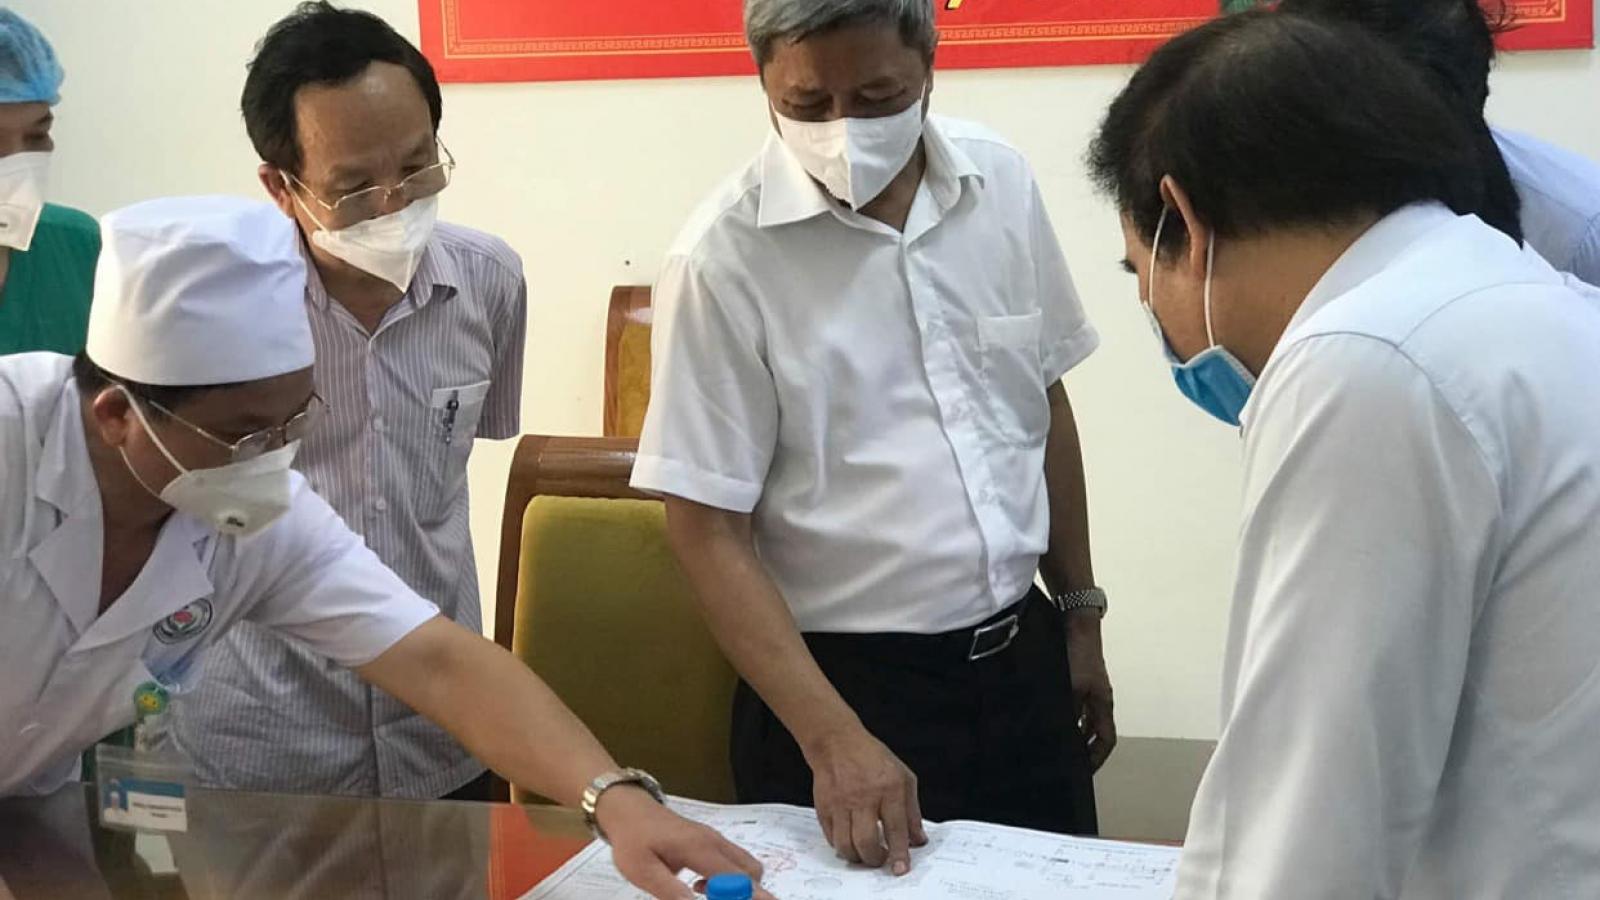 Bộ Y tế khảo sát lập đơn vị hồi sức tích cực điều trị bệnh nhân COVID-19 tại Bắc Giang